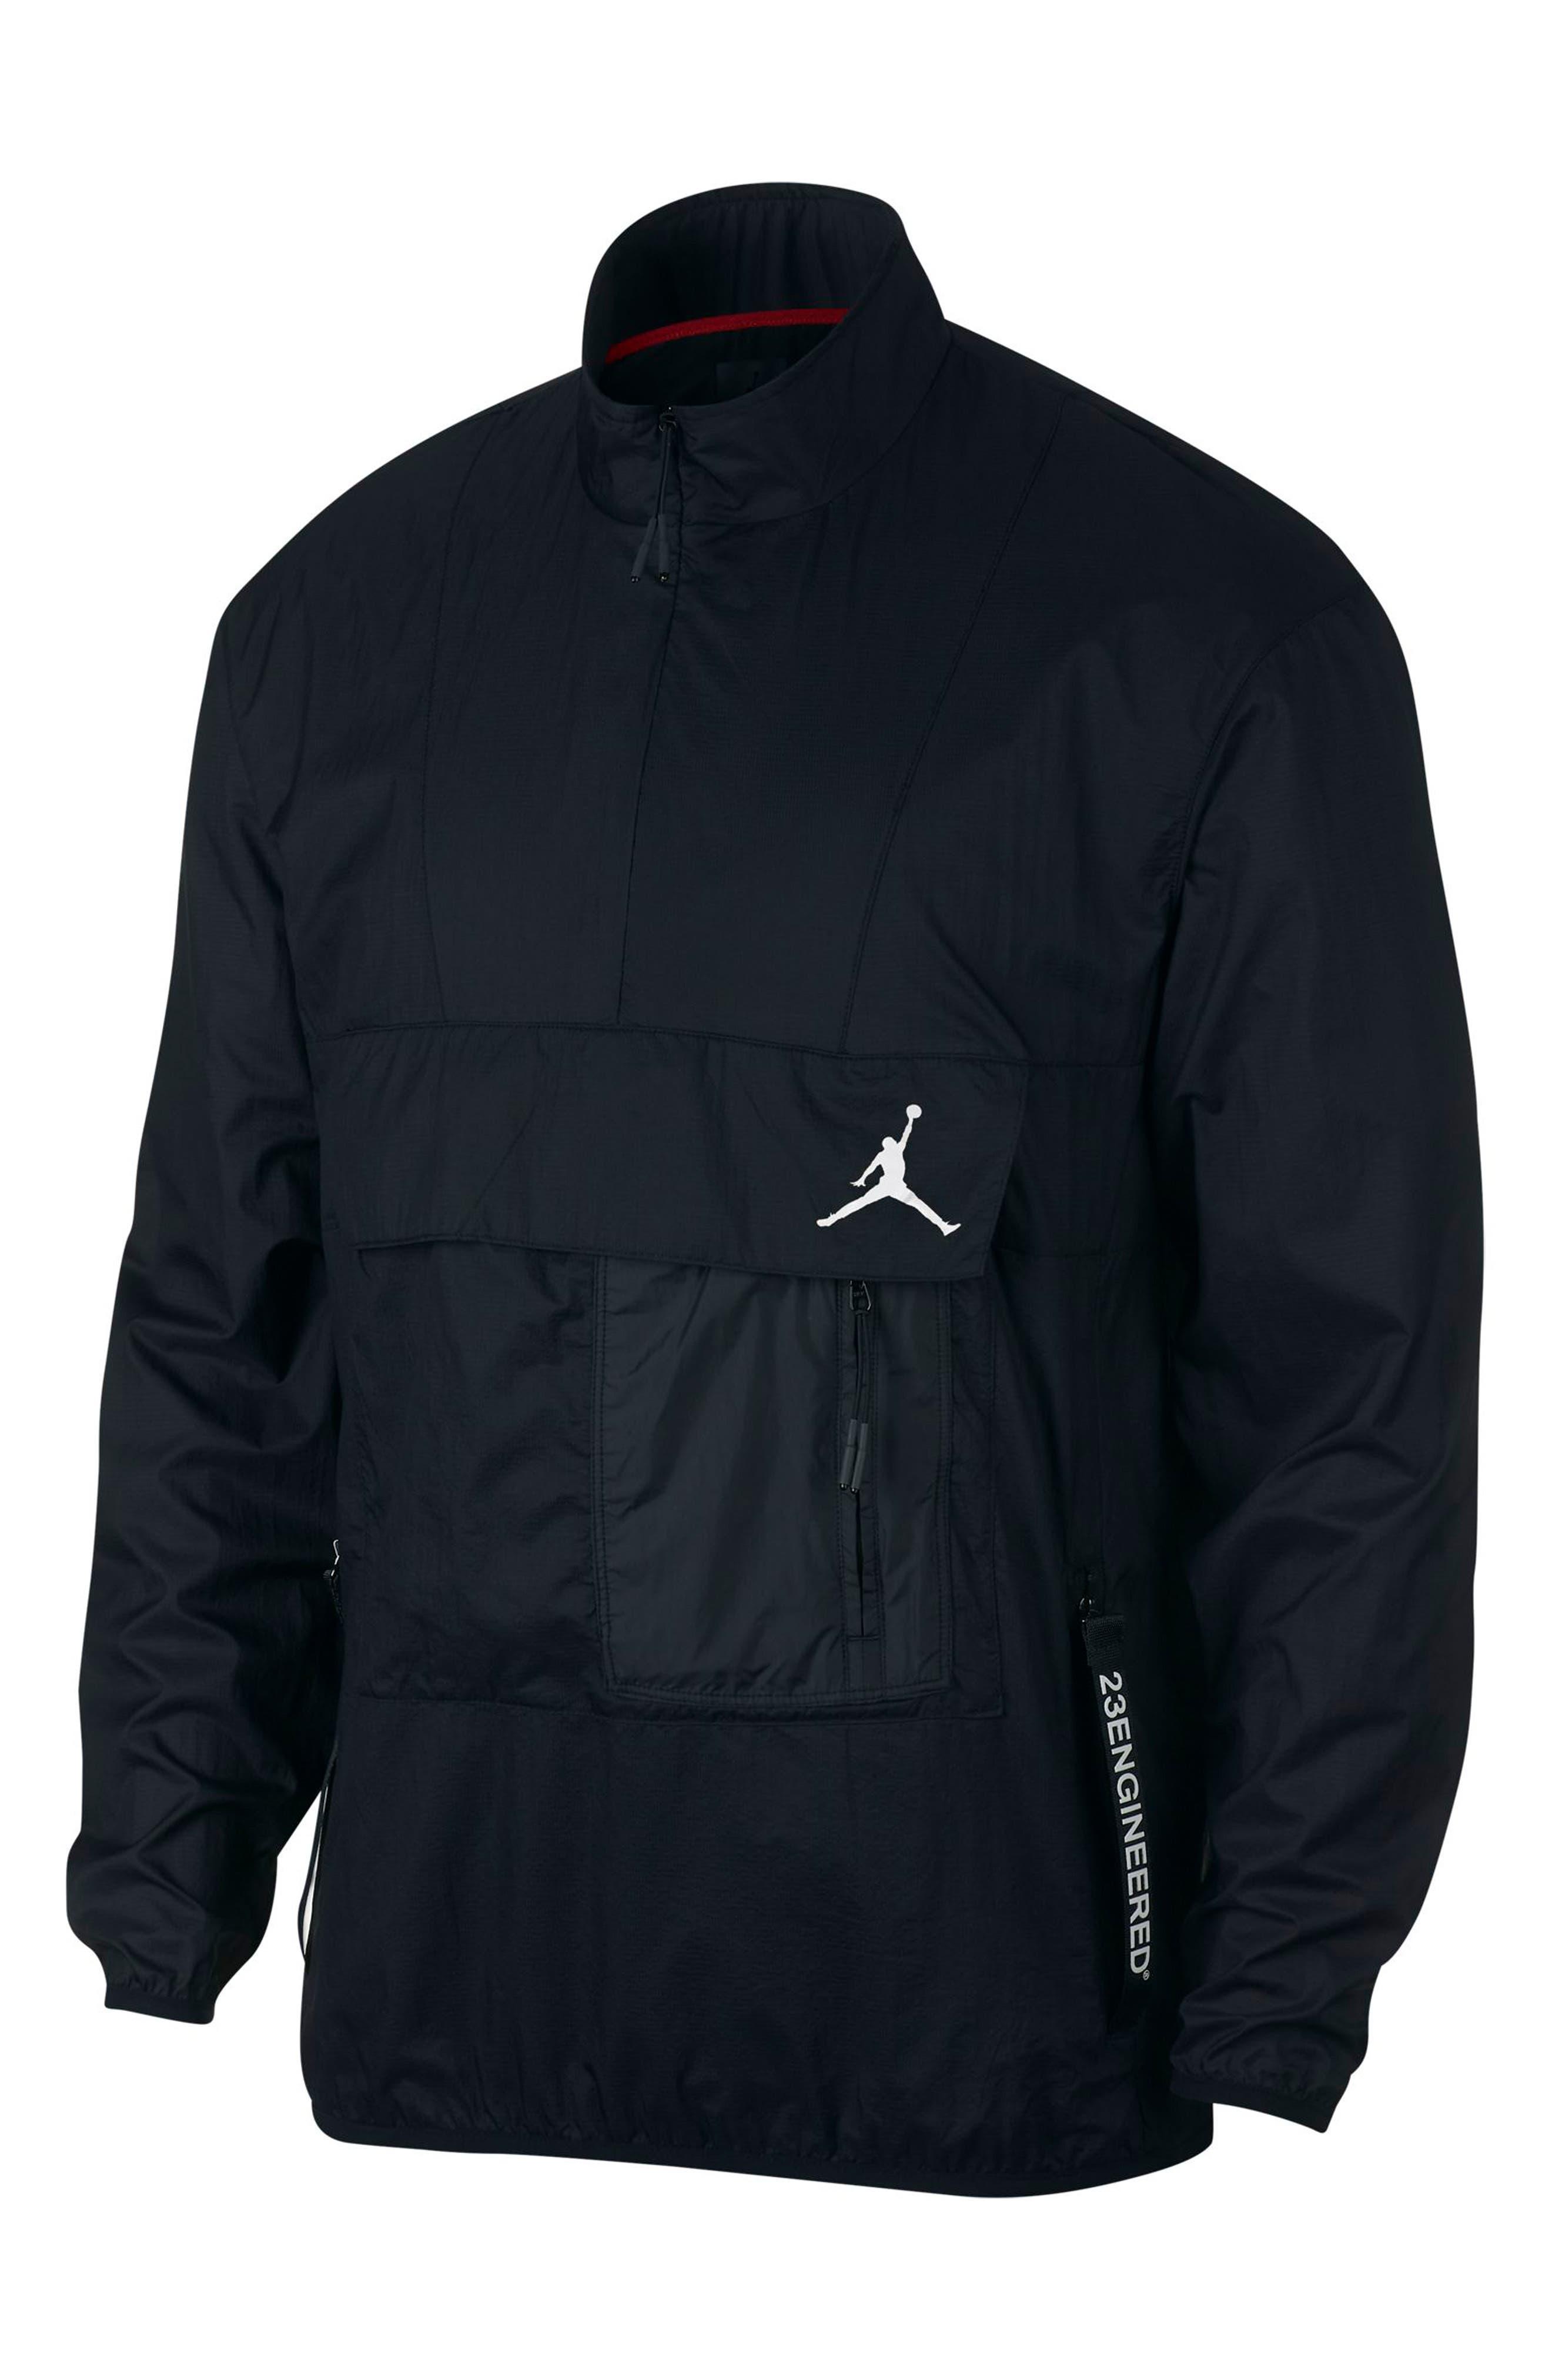 Jordan 23 Engineered Training Jacket